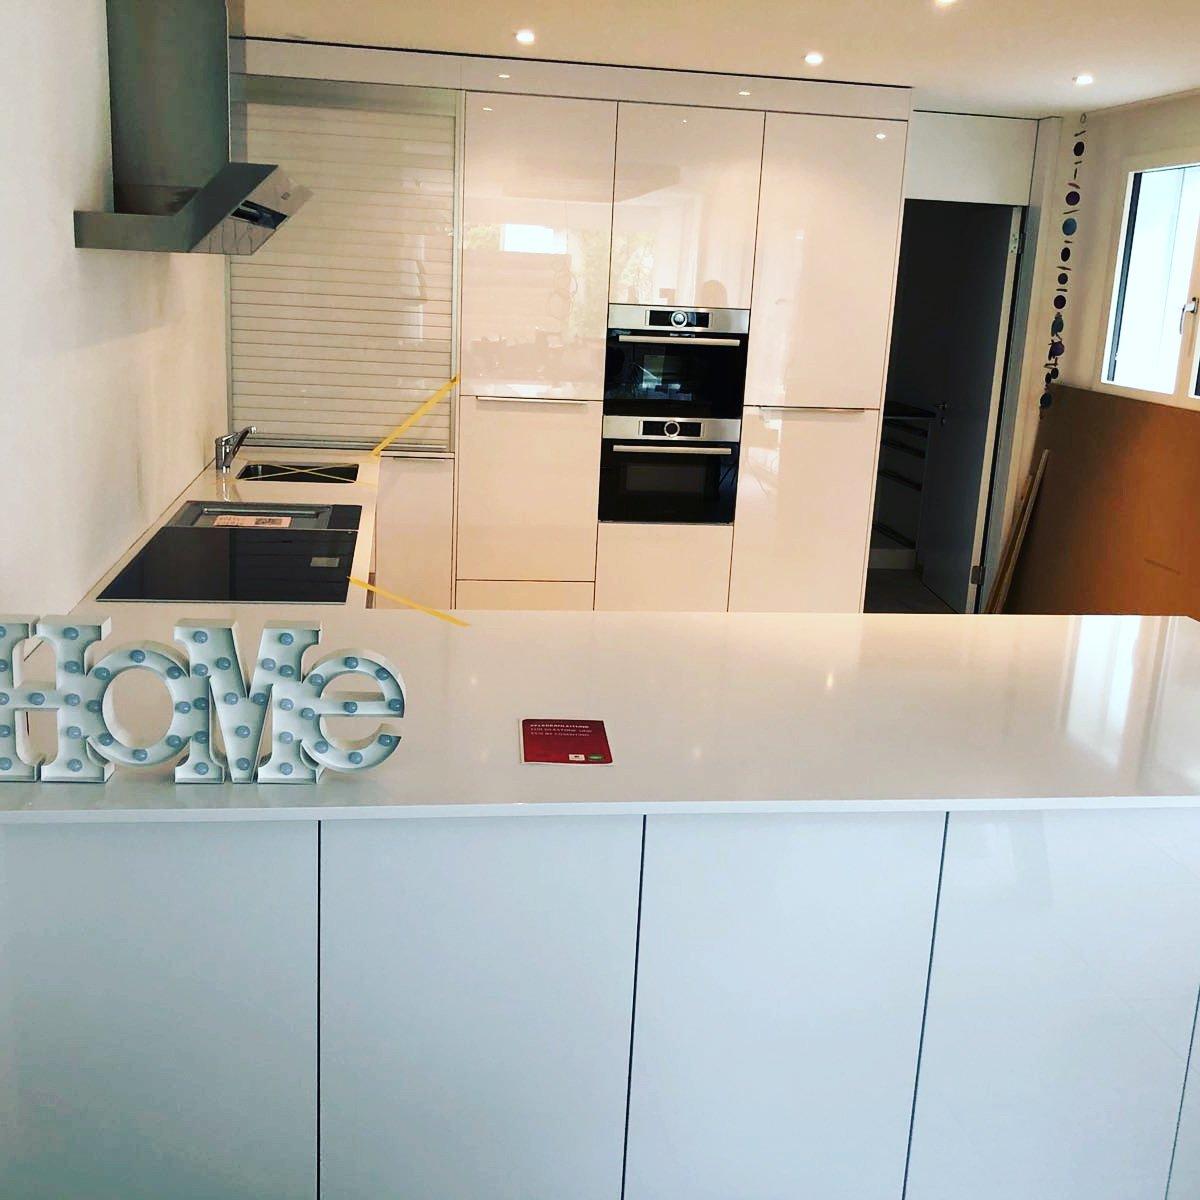 Großartig Küchenspüle Lieferanten Brisbane Fotos - Küchenschrank ...